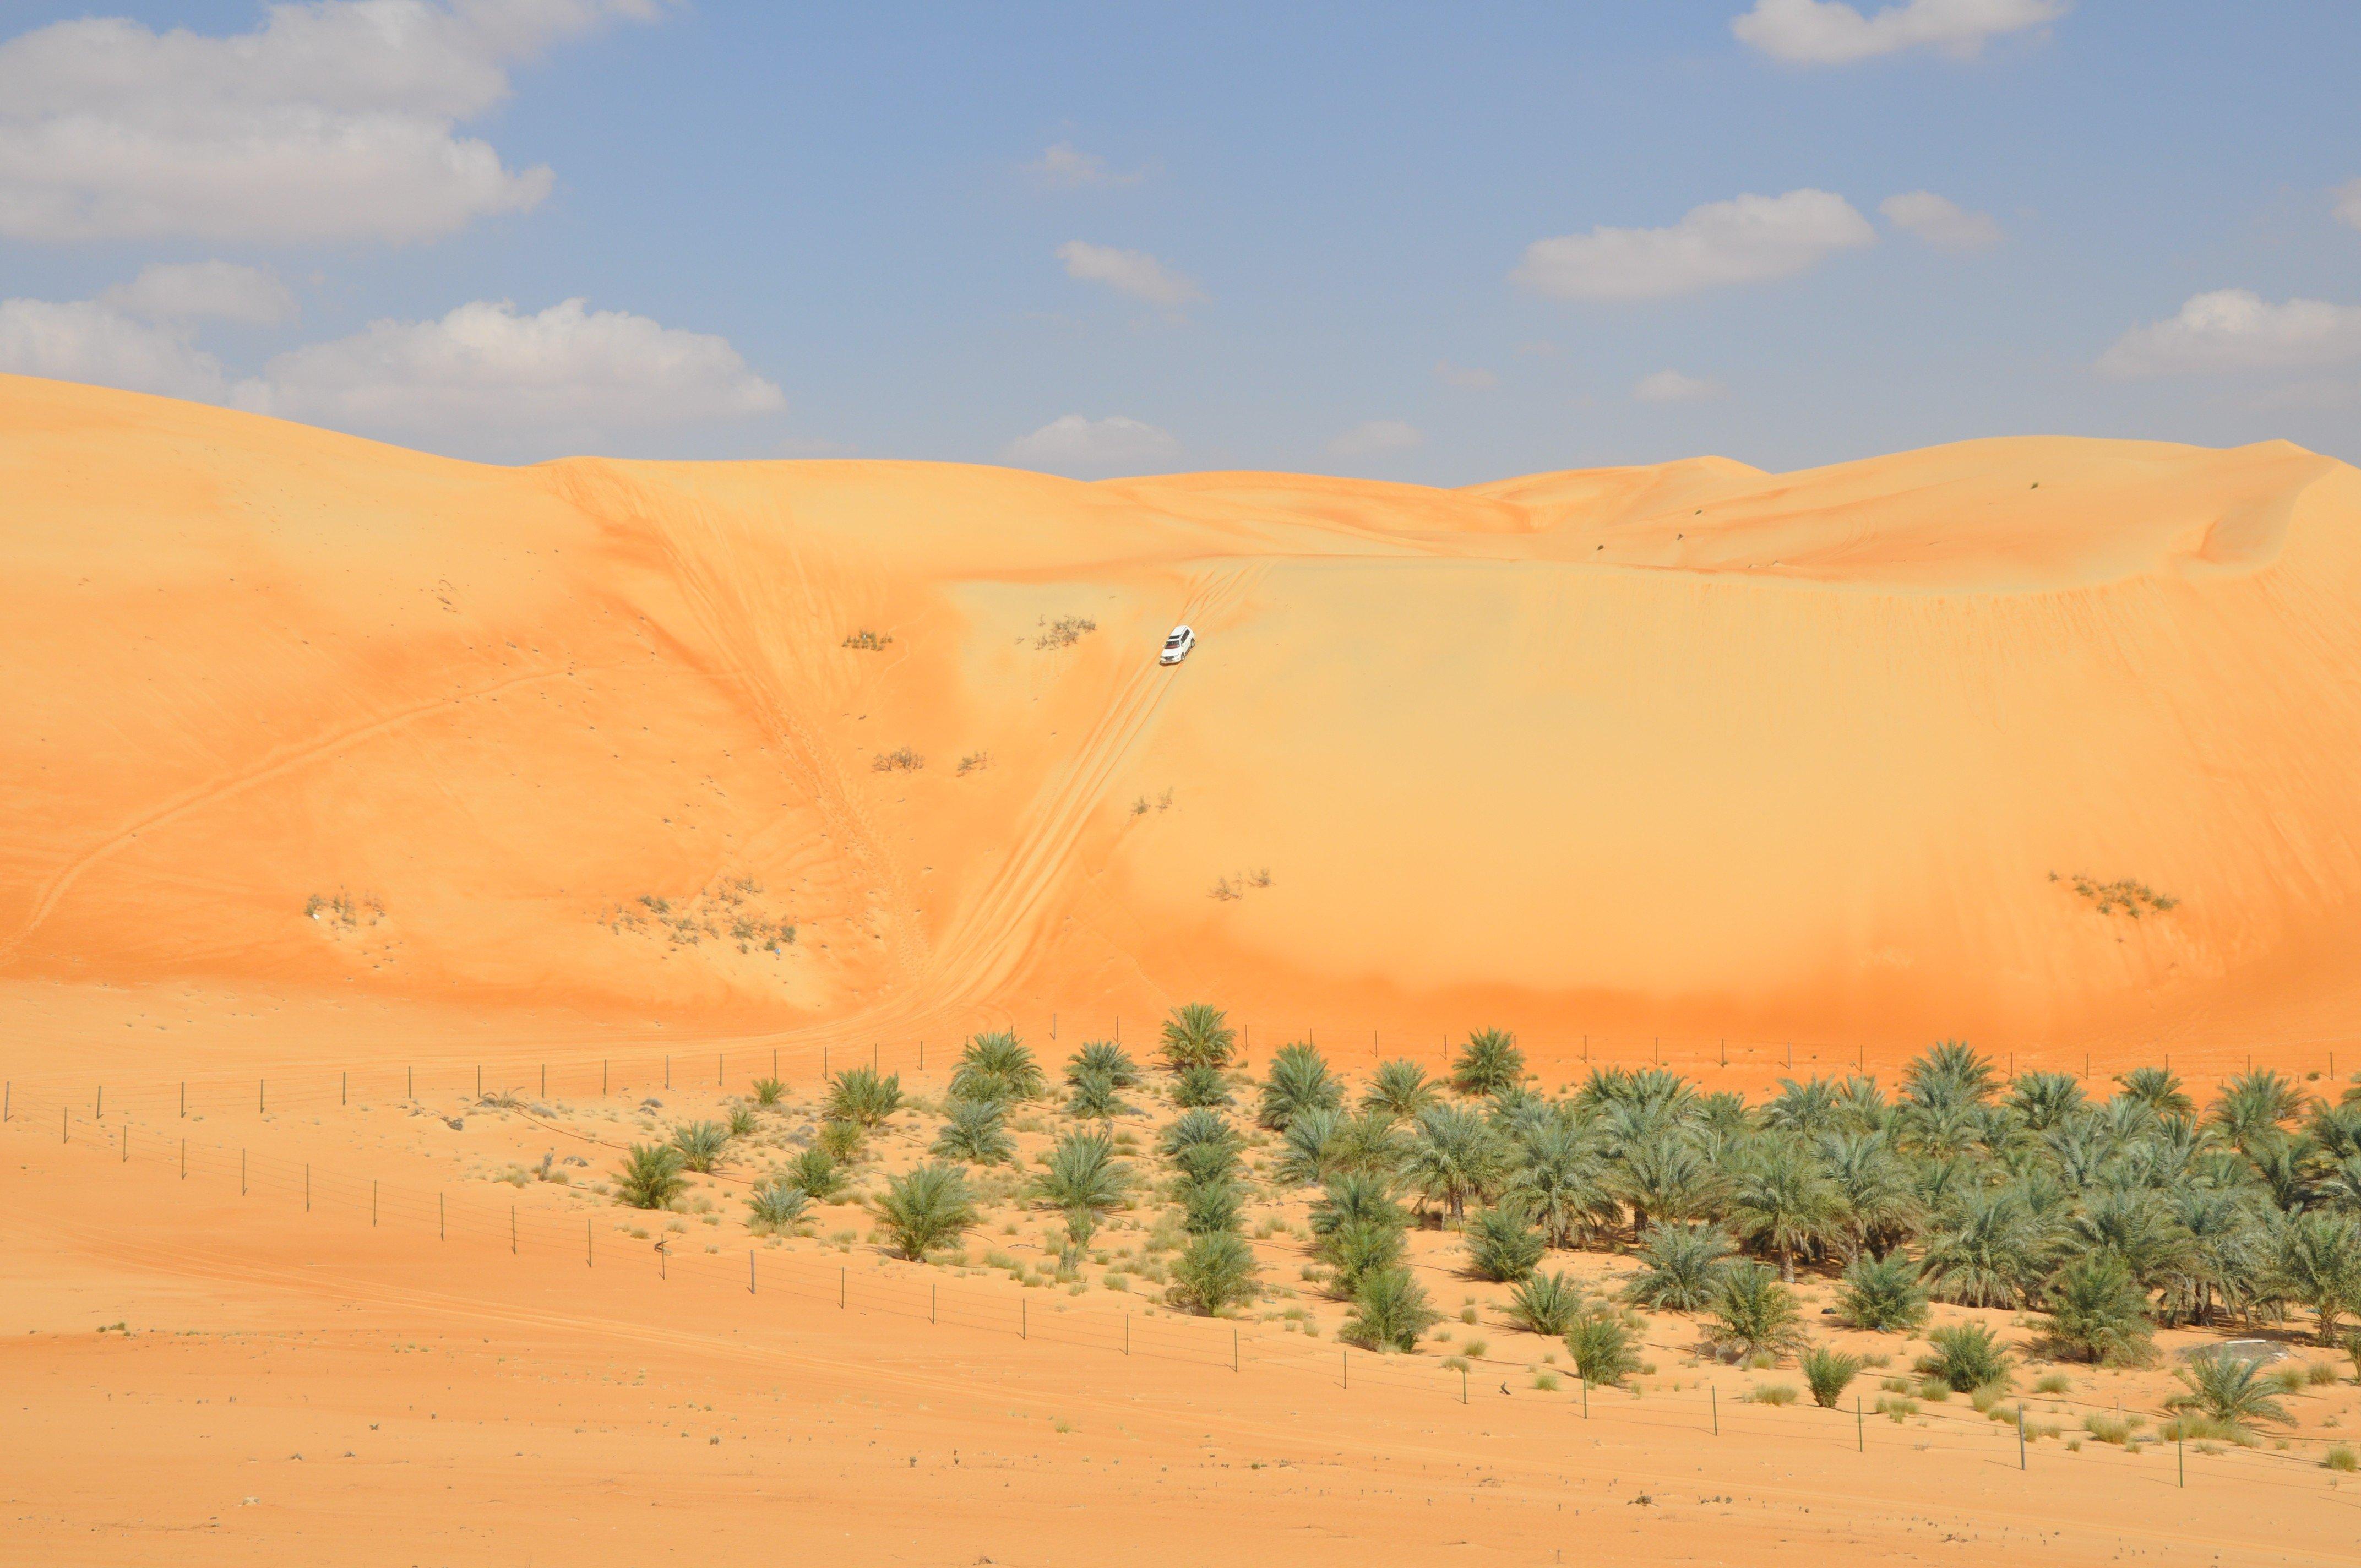 Oasis Travel And Tours Abu Dhabi